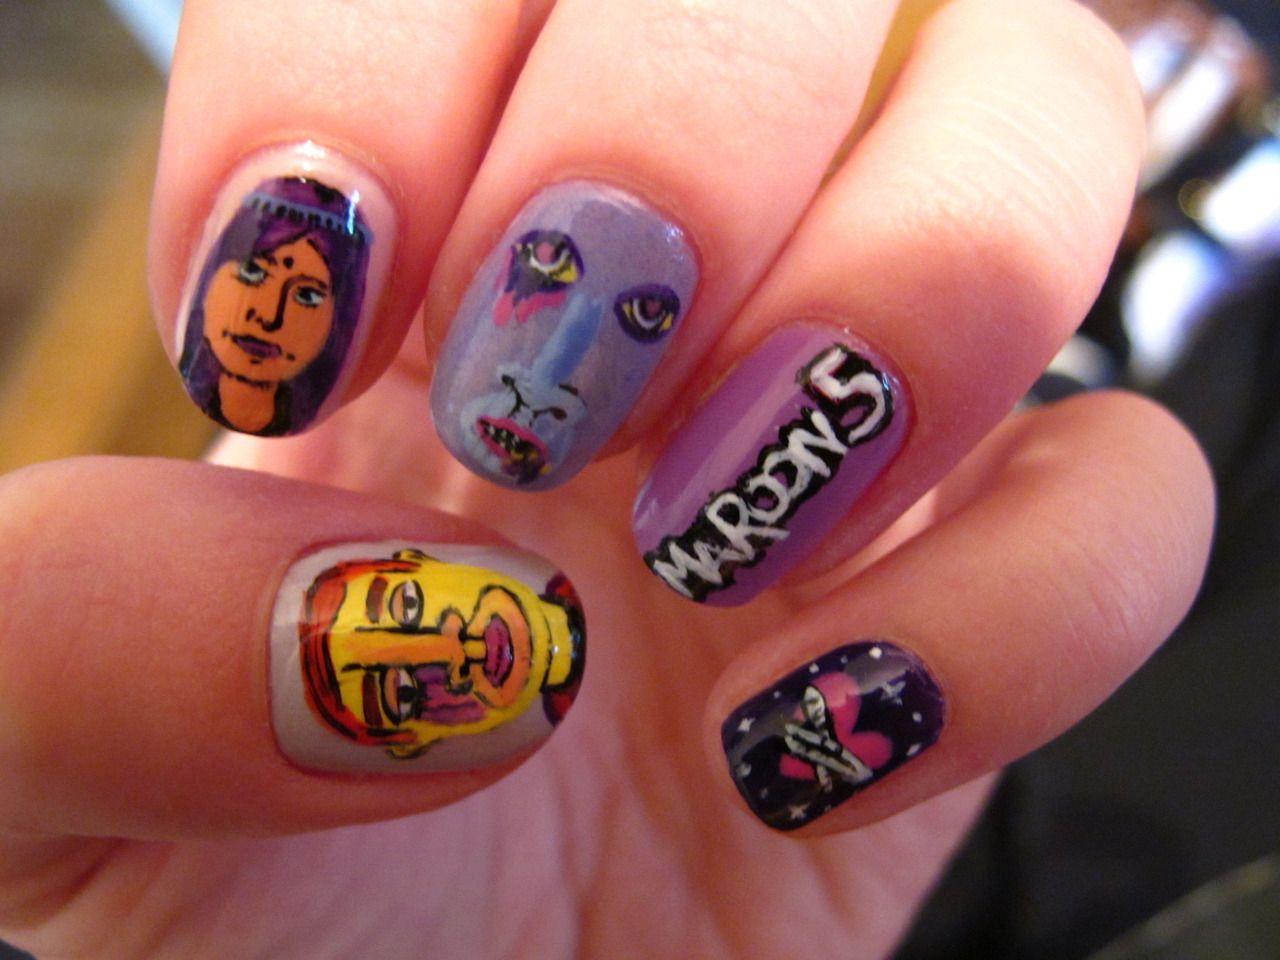 Nail Art | Tumblr Overexposed - Maroon 5 inspired nails. | Nails ...